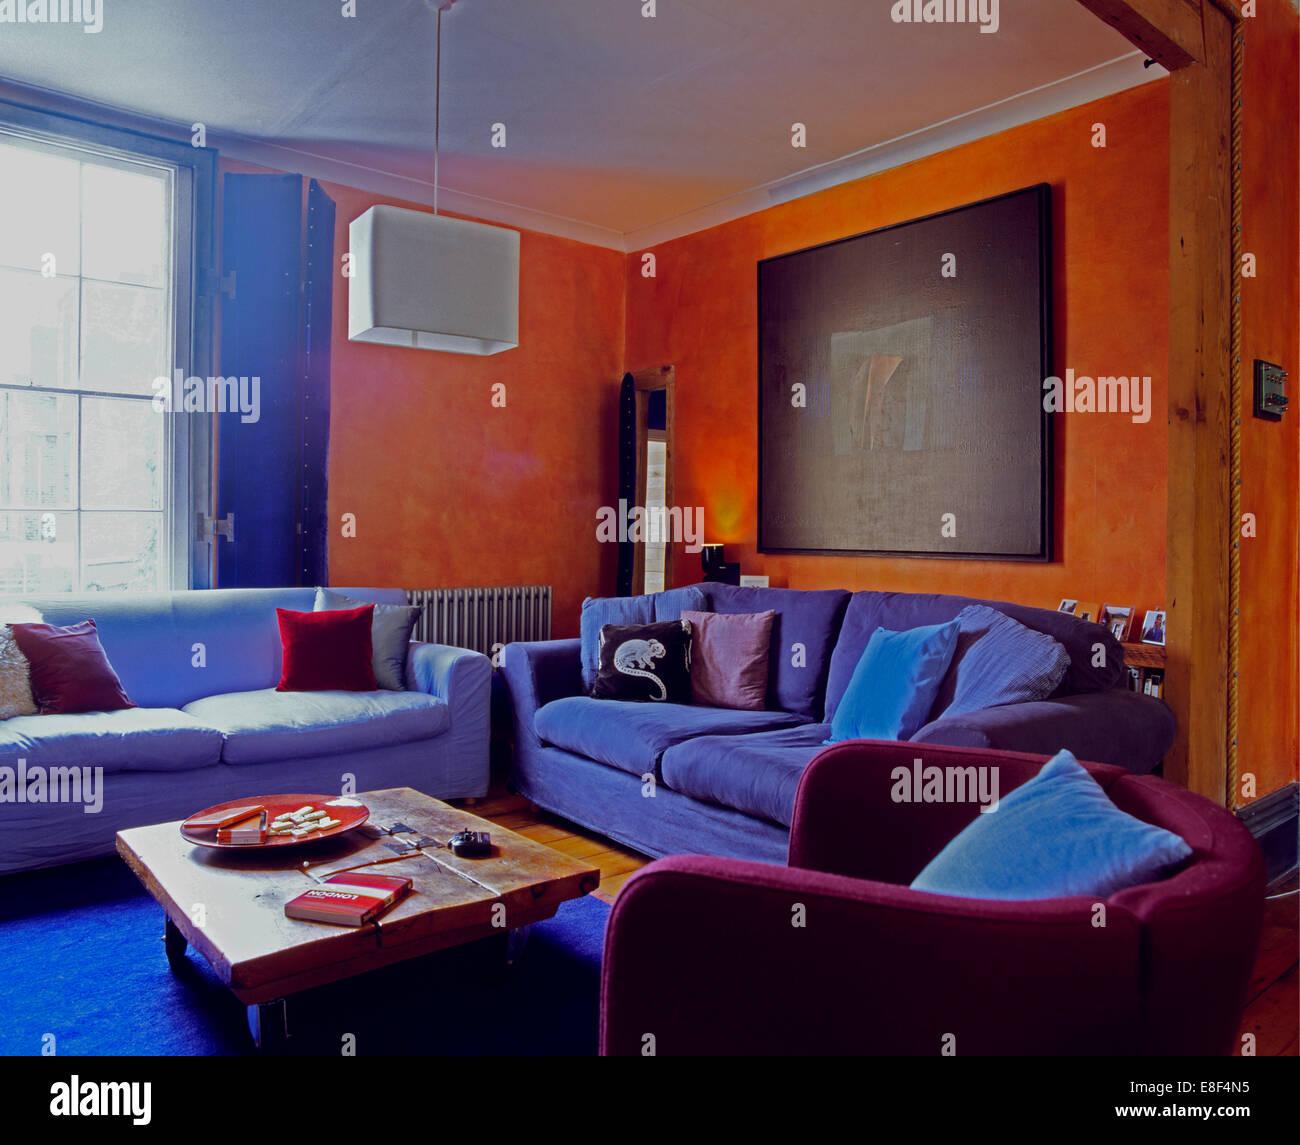 Blue velvet sofas and purple armchair in nineties orange ...